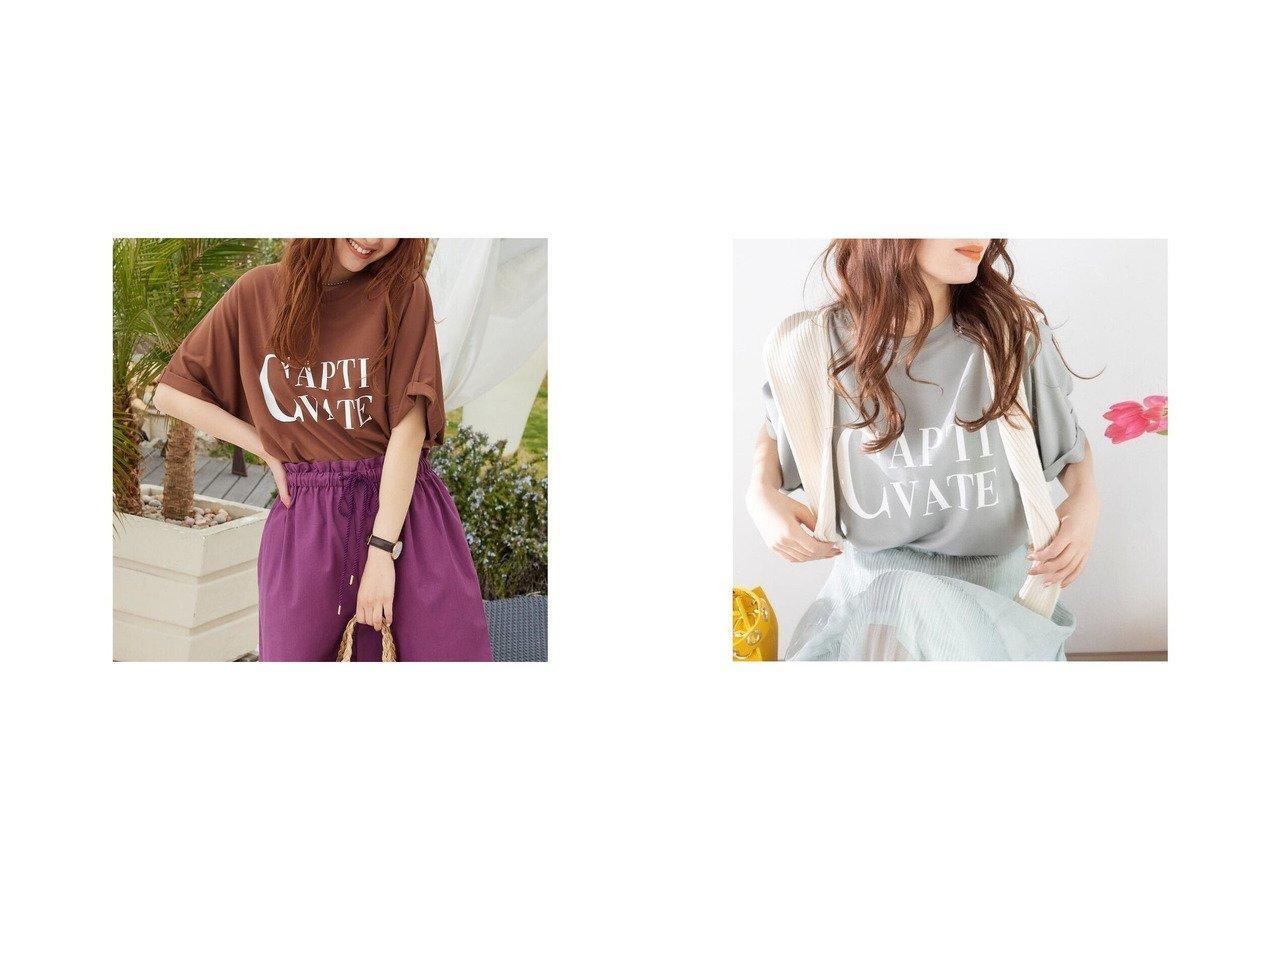 【VICKY/ビッキー】のロールアップロゴTシャツ おすすめ!人気トレンド・レディースファッション通販 おすすめで人気の流行・トレンド、ファッションの通販商品 インテリア・家具・メンズファッション・キッズファッション・レディースファッション・服の通販 founy(ファニー) https://founy.com/ ファッション Fashion レディースファッション WOMEN トップス・カットソー Tops/Tshirt シャツ/ブラウス Shirts/Blouses ロング / Tシャツ T-Shirts A/W・秋冬 AW・Autumn/Winter・FW・Fall-Winter おすすめ Recommend |ID:crp329100000046048